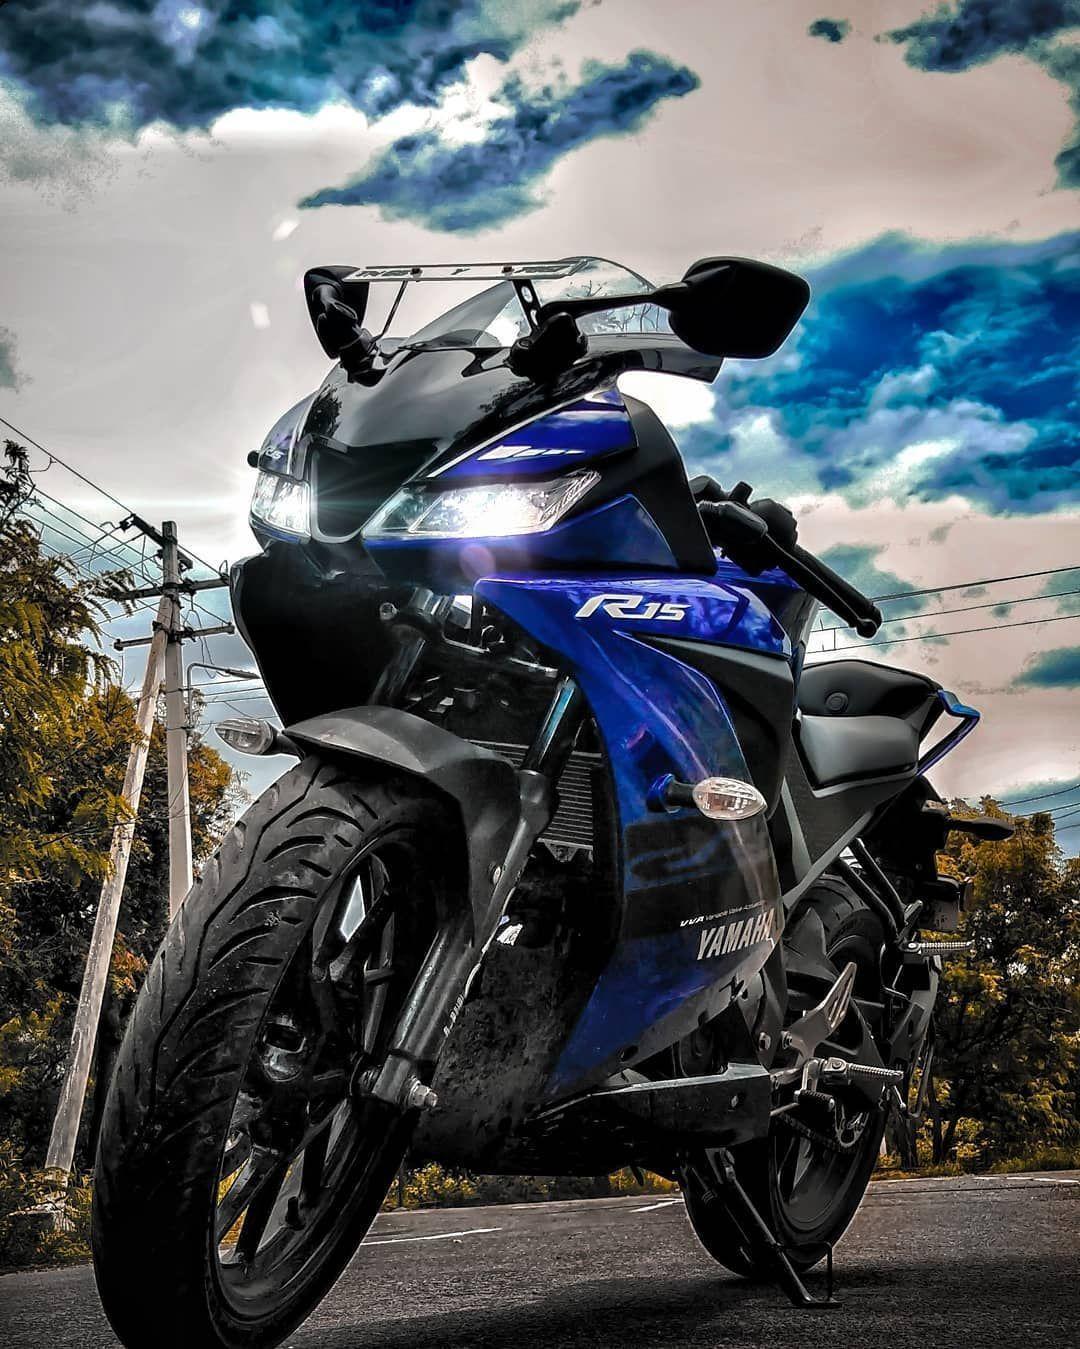 Yamaha R15 V3 Wallpapers Top Free Yamaha R15 V3 Backgrounds